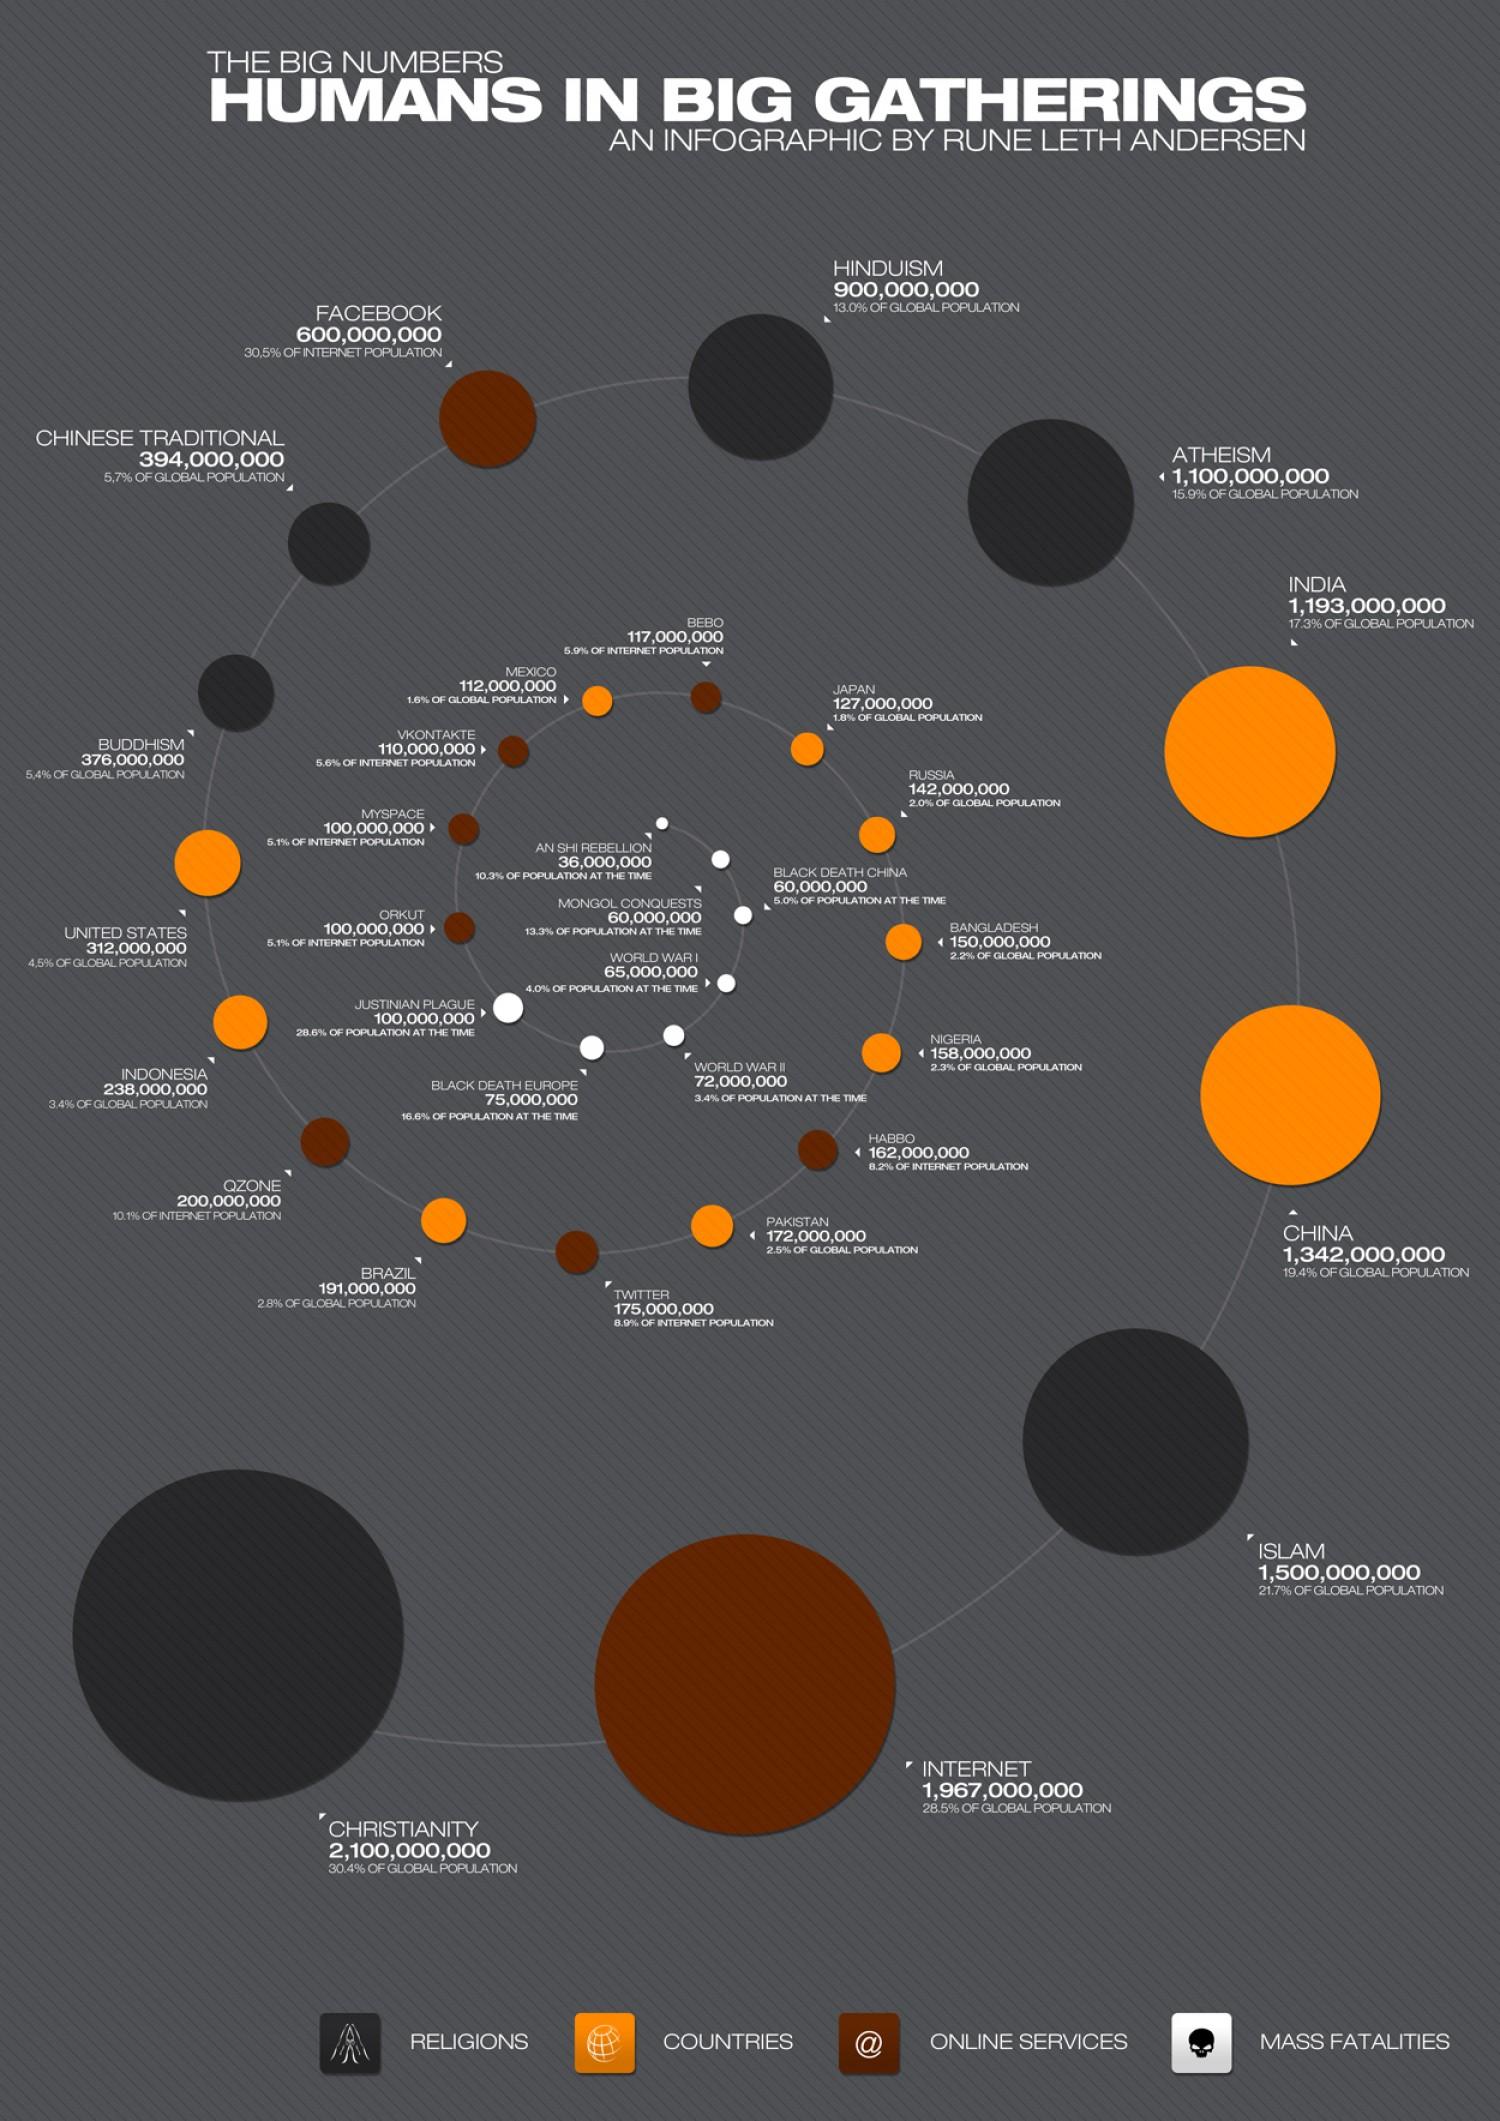 Mensen in grote groepen weergegeven in infographic